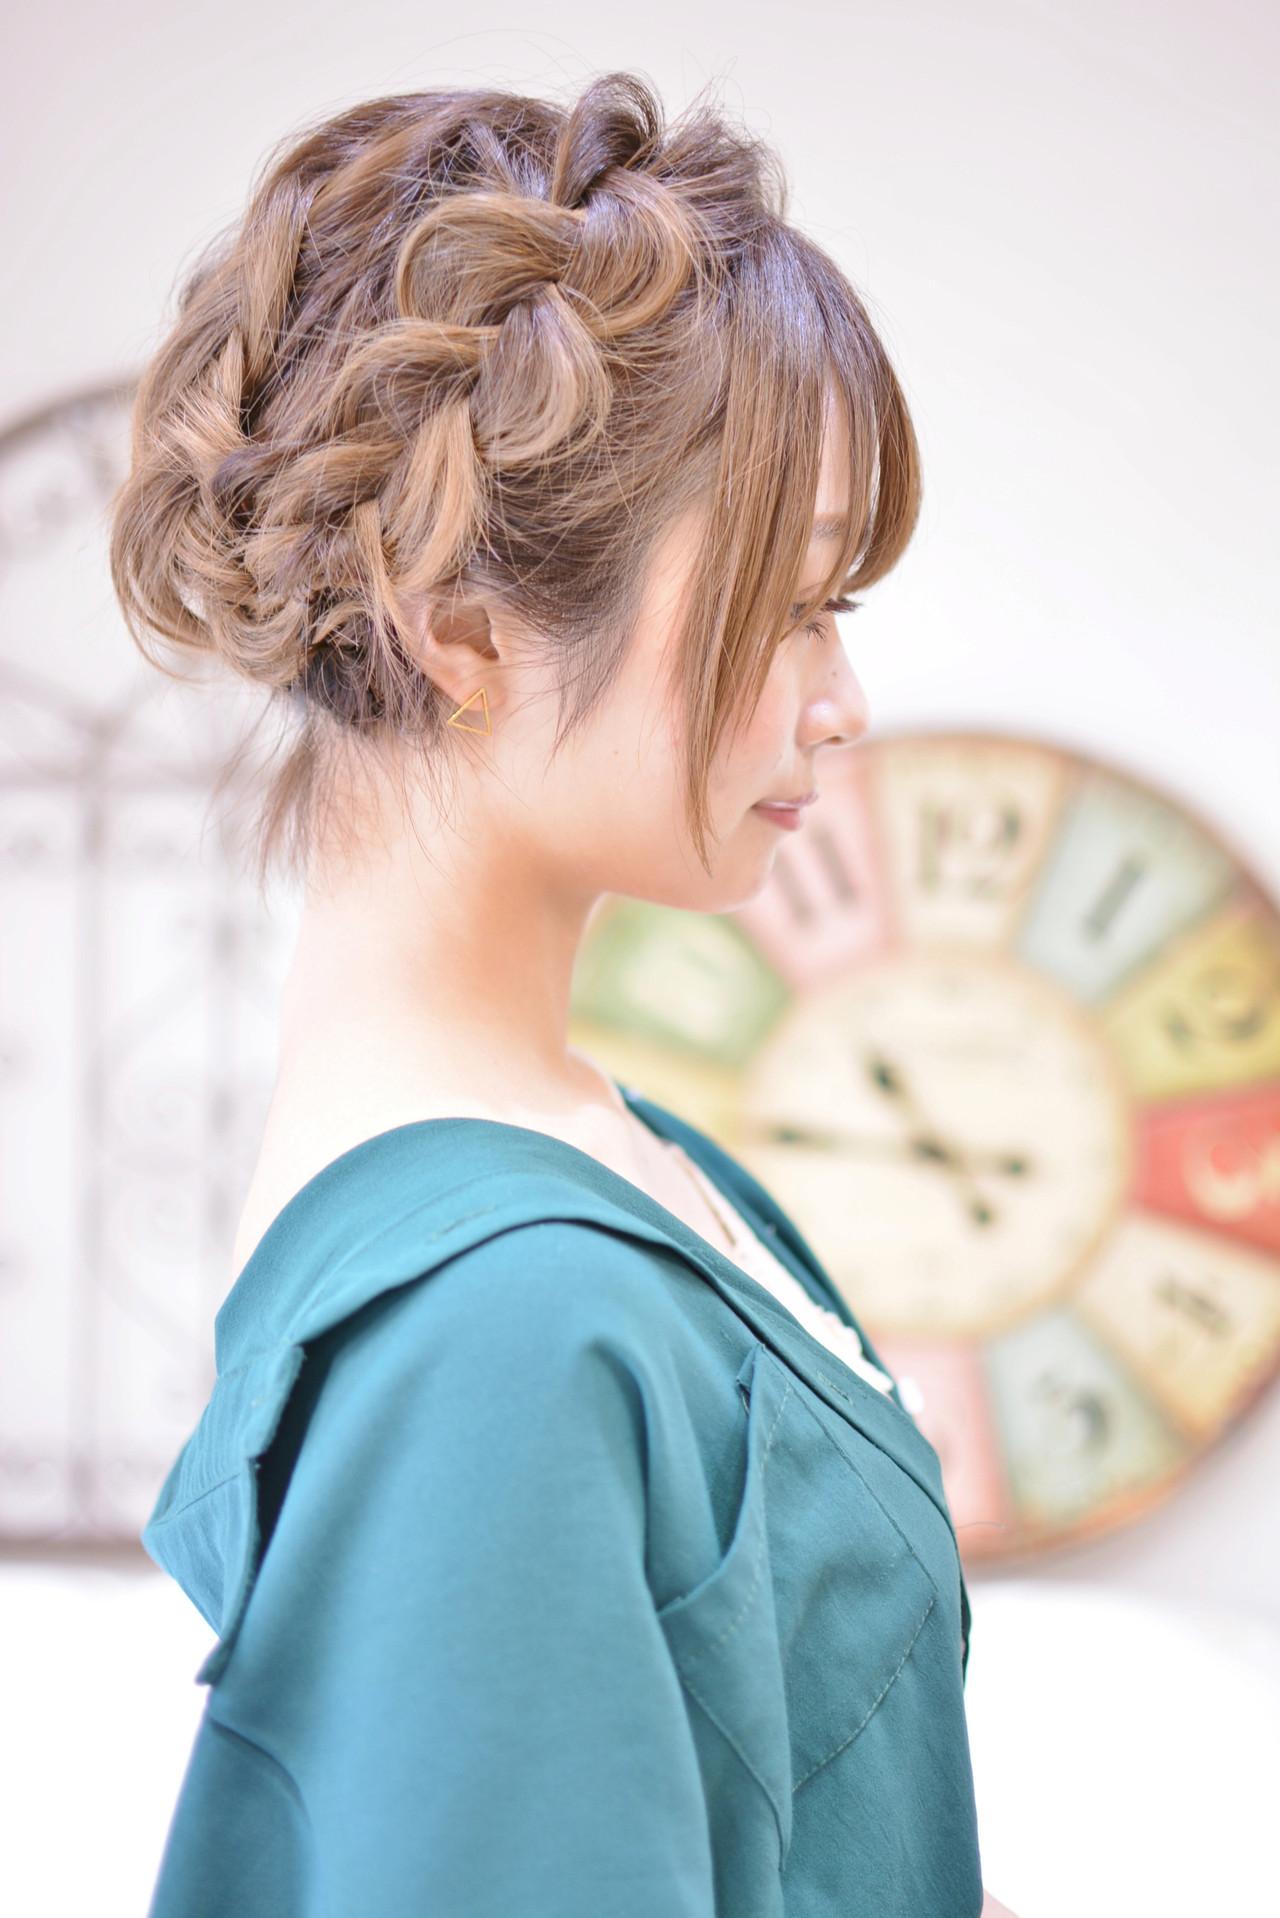 ヘアアレンジ 簡単ヘアアレンジ ガーリー シースルーバング ヘアスタイルや髪型の写真・画像